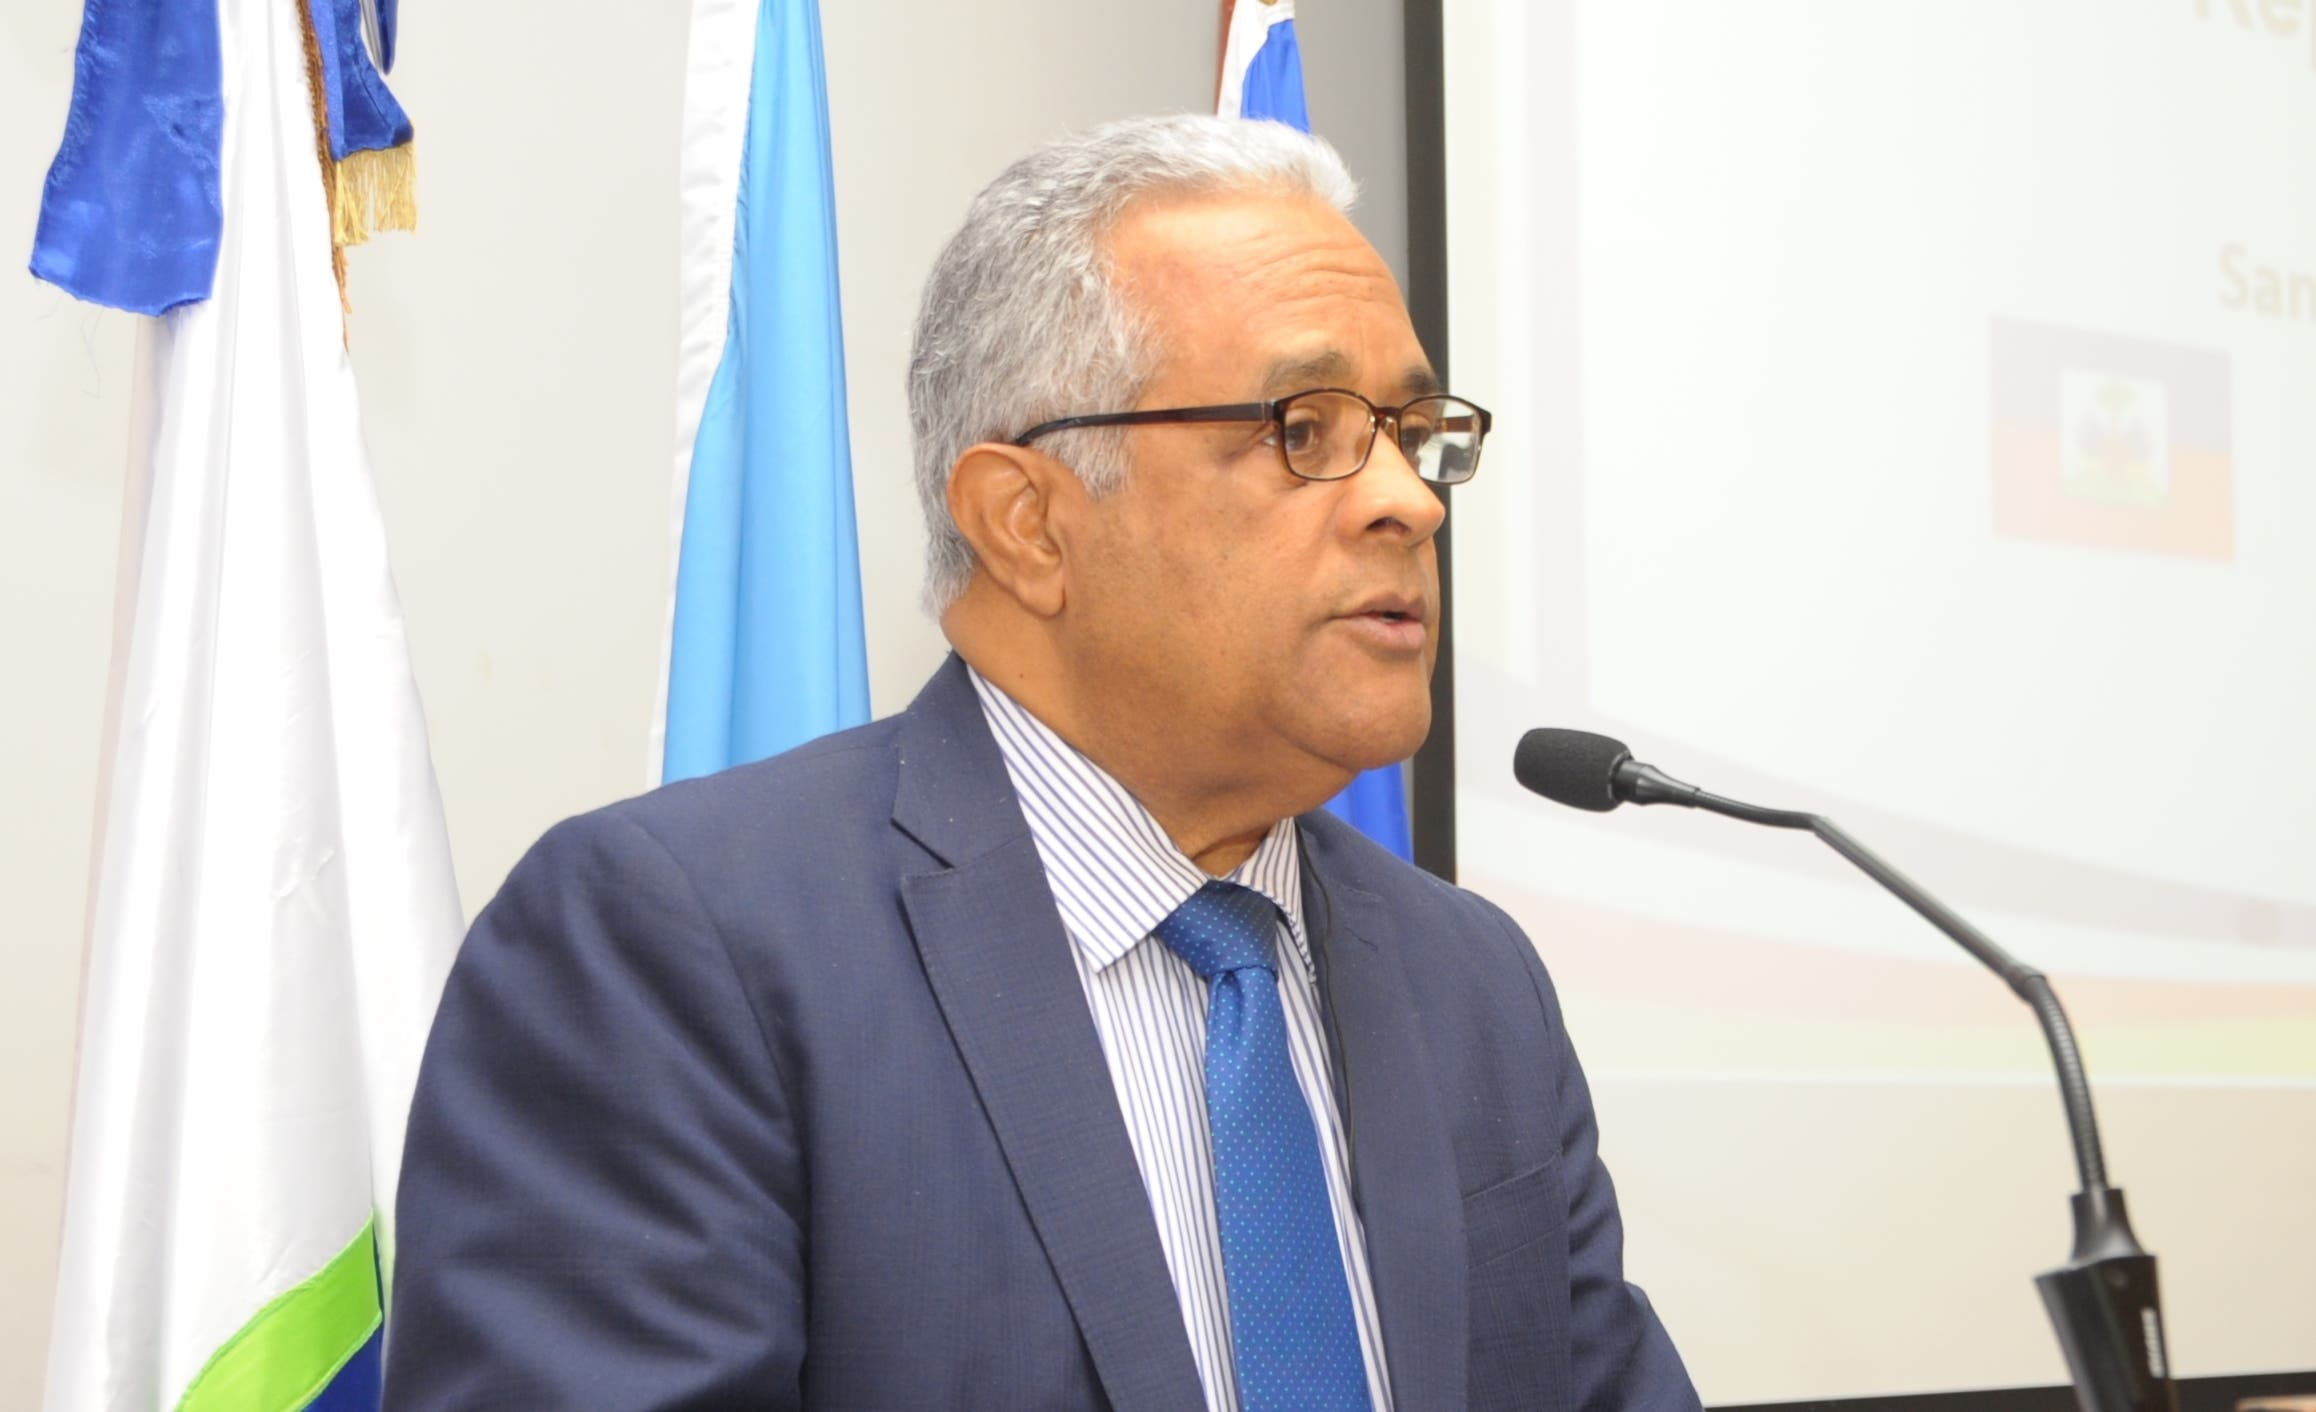 sanchez-cardenas-ministro-de-salud-publica